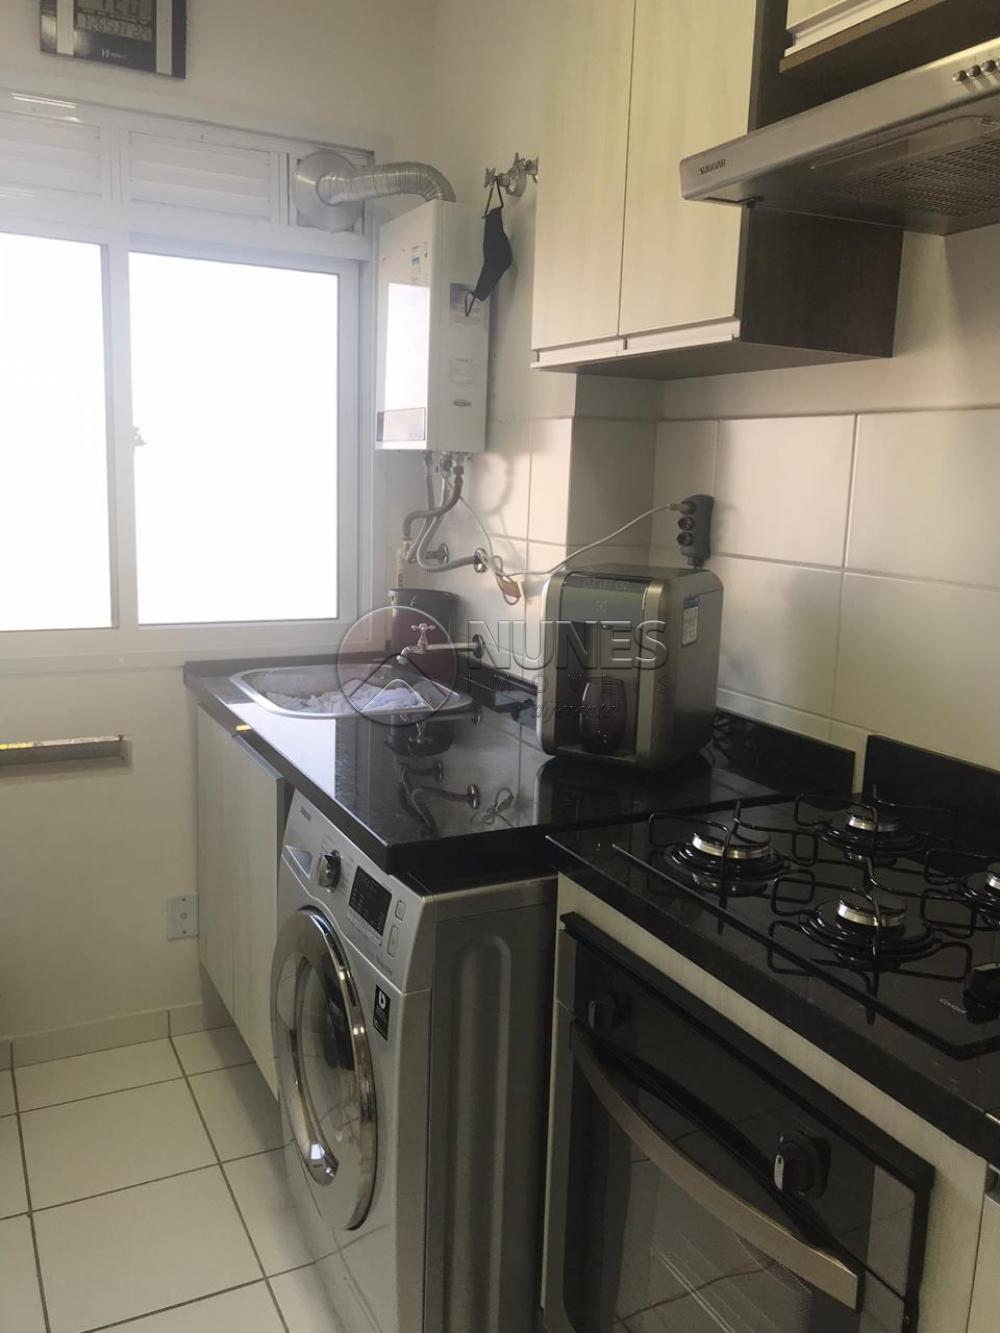 Comprar Apartamento / Padrão em Jundiaí apenas R$ 280.000,00 - Foto 3